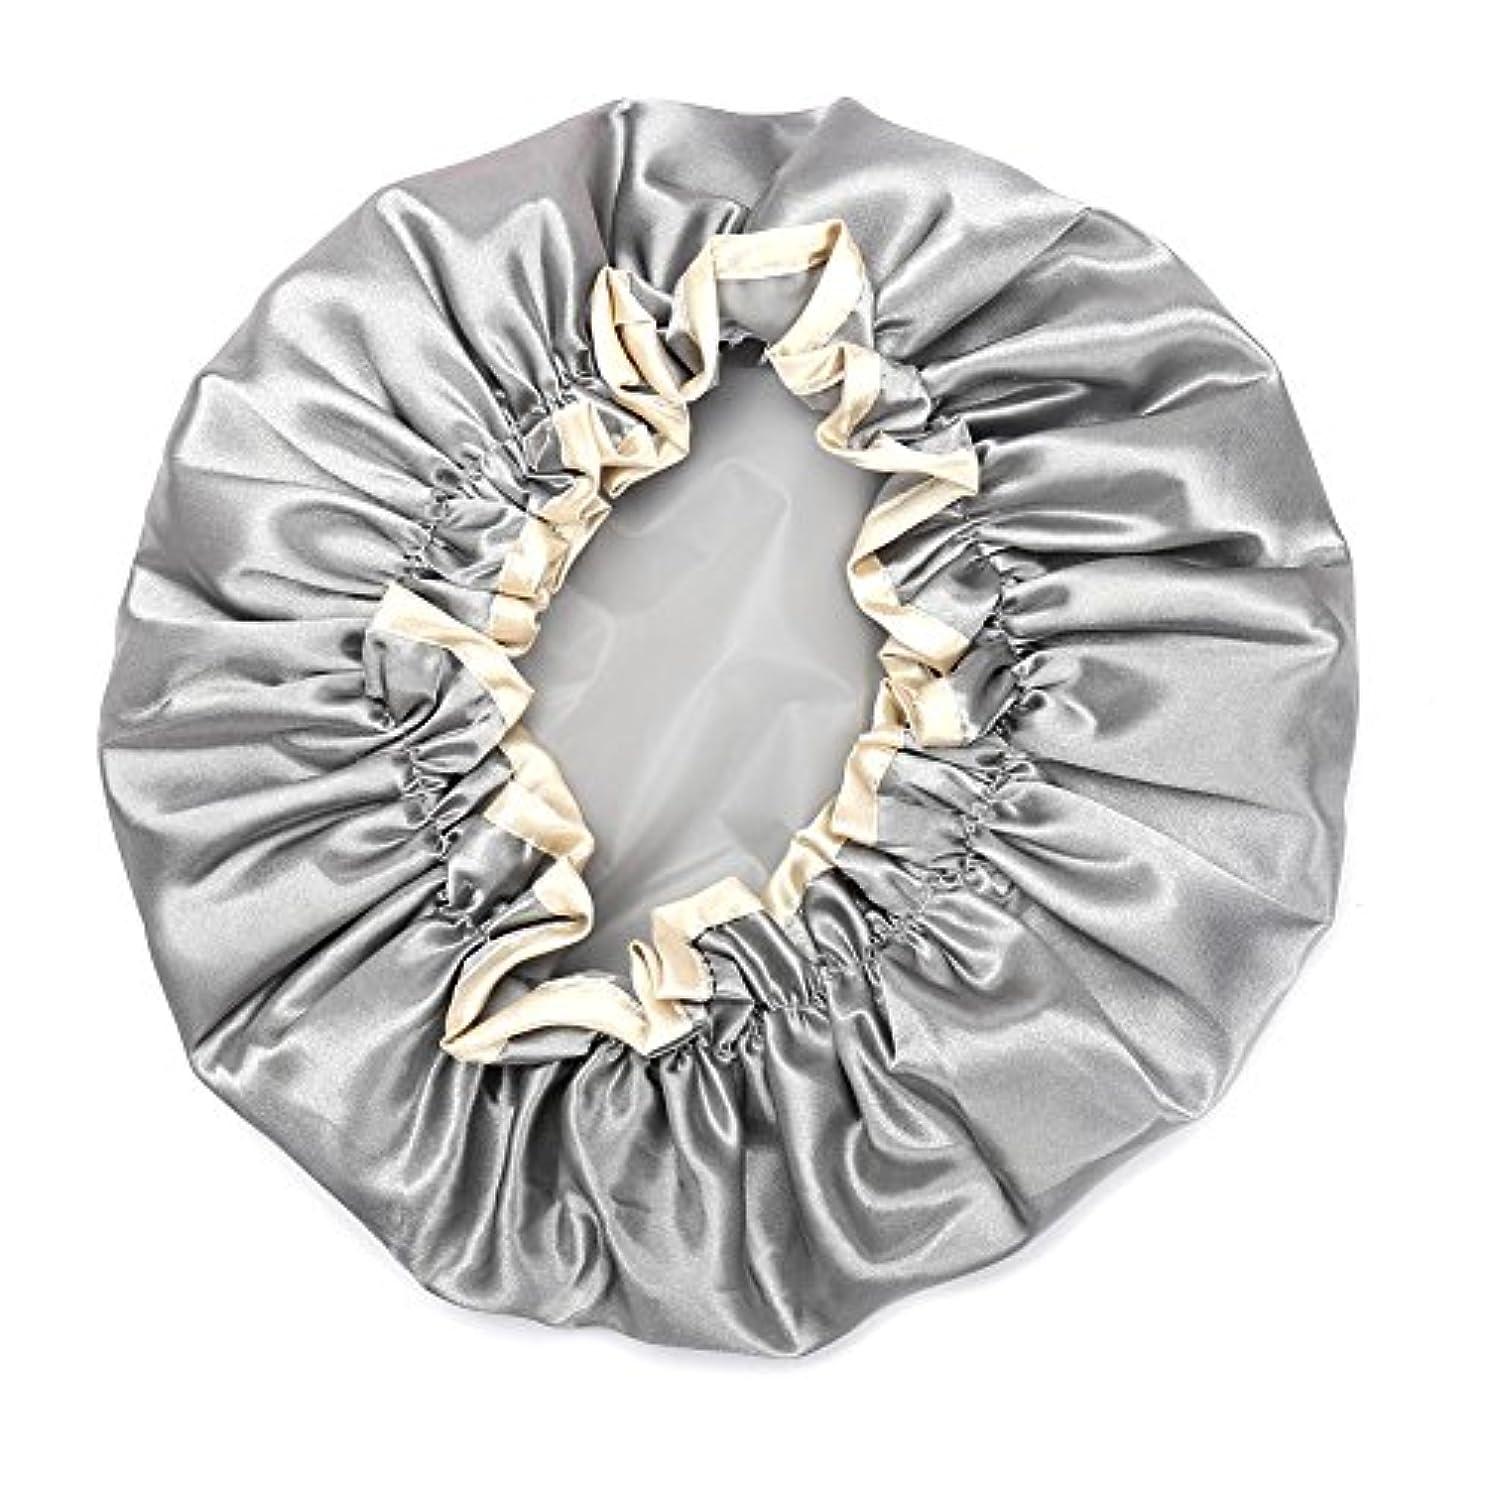 悲しみ物理的にスイス人Hitchlike シャワーキャップ ヘアキャップ ヘアーキャップ ヘアーターバン 入浴キャップ 帽子 お風呂、シャワー用に 浴用帽子 便利 女性の弾性の防水入浴シャワーキャップ再使用可能なサロンの髪を保護する帽子